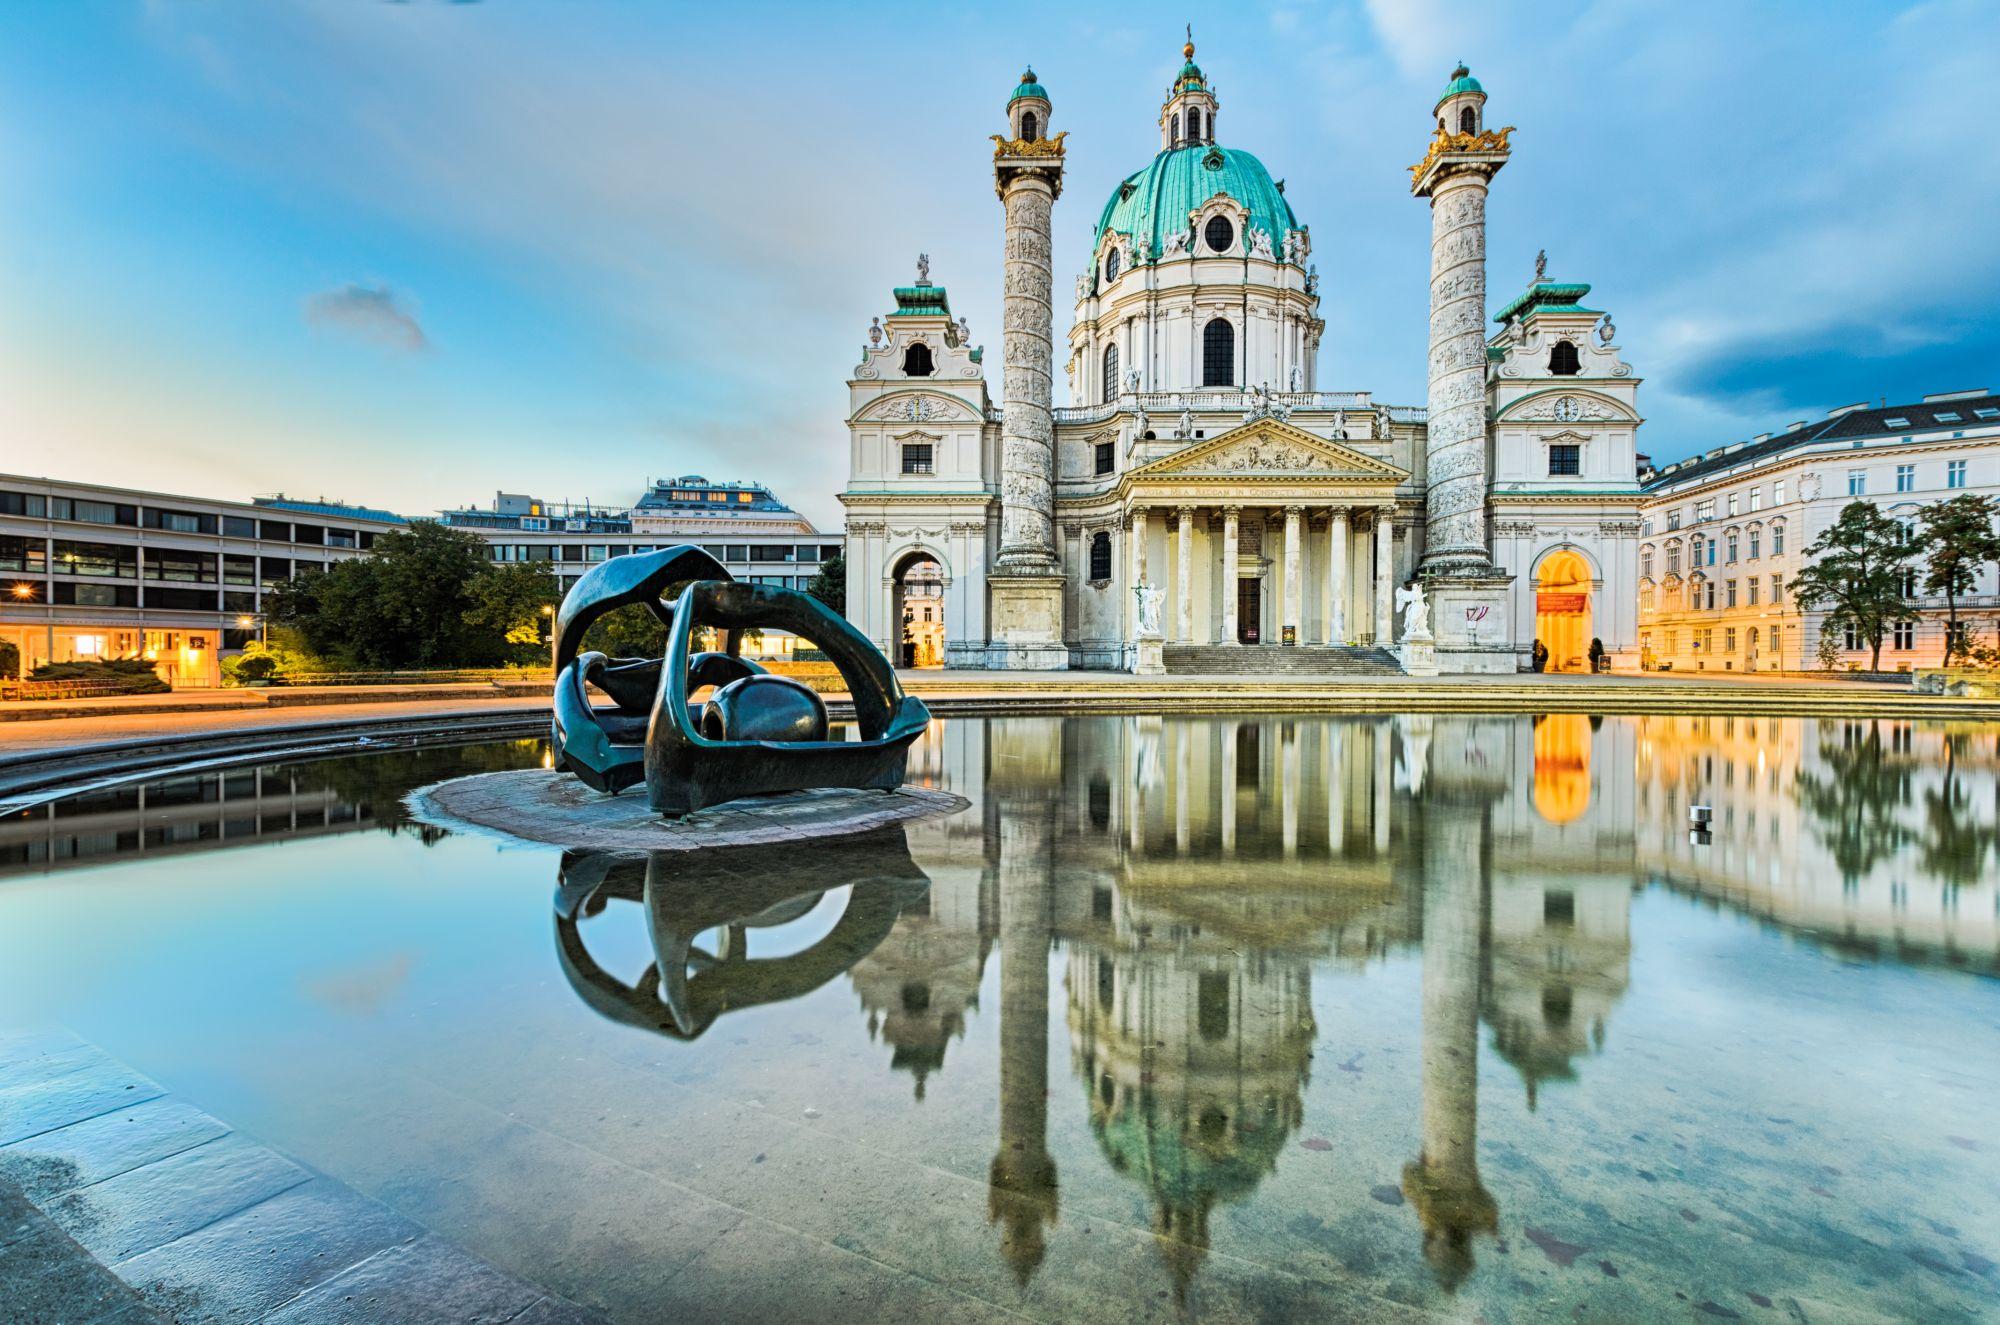 Kościół w Wiedniu